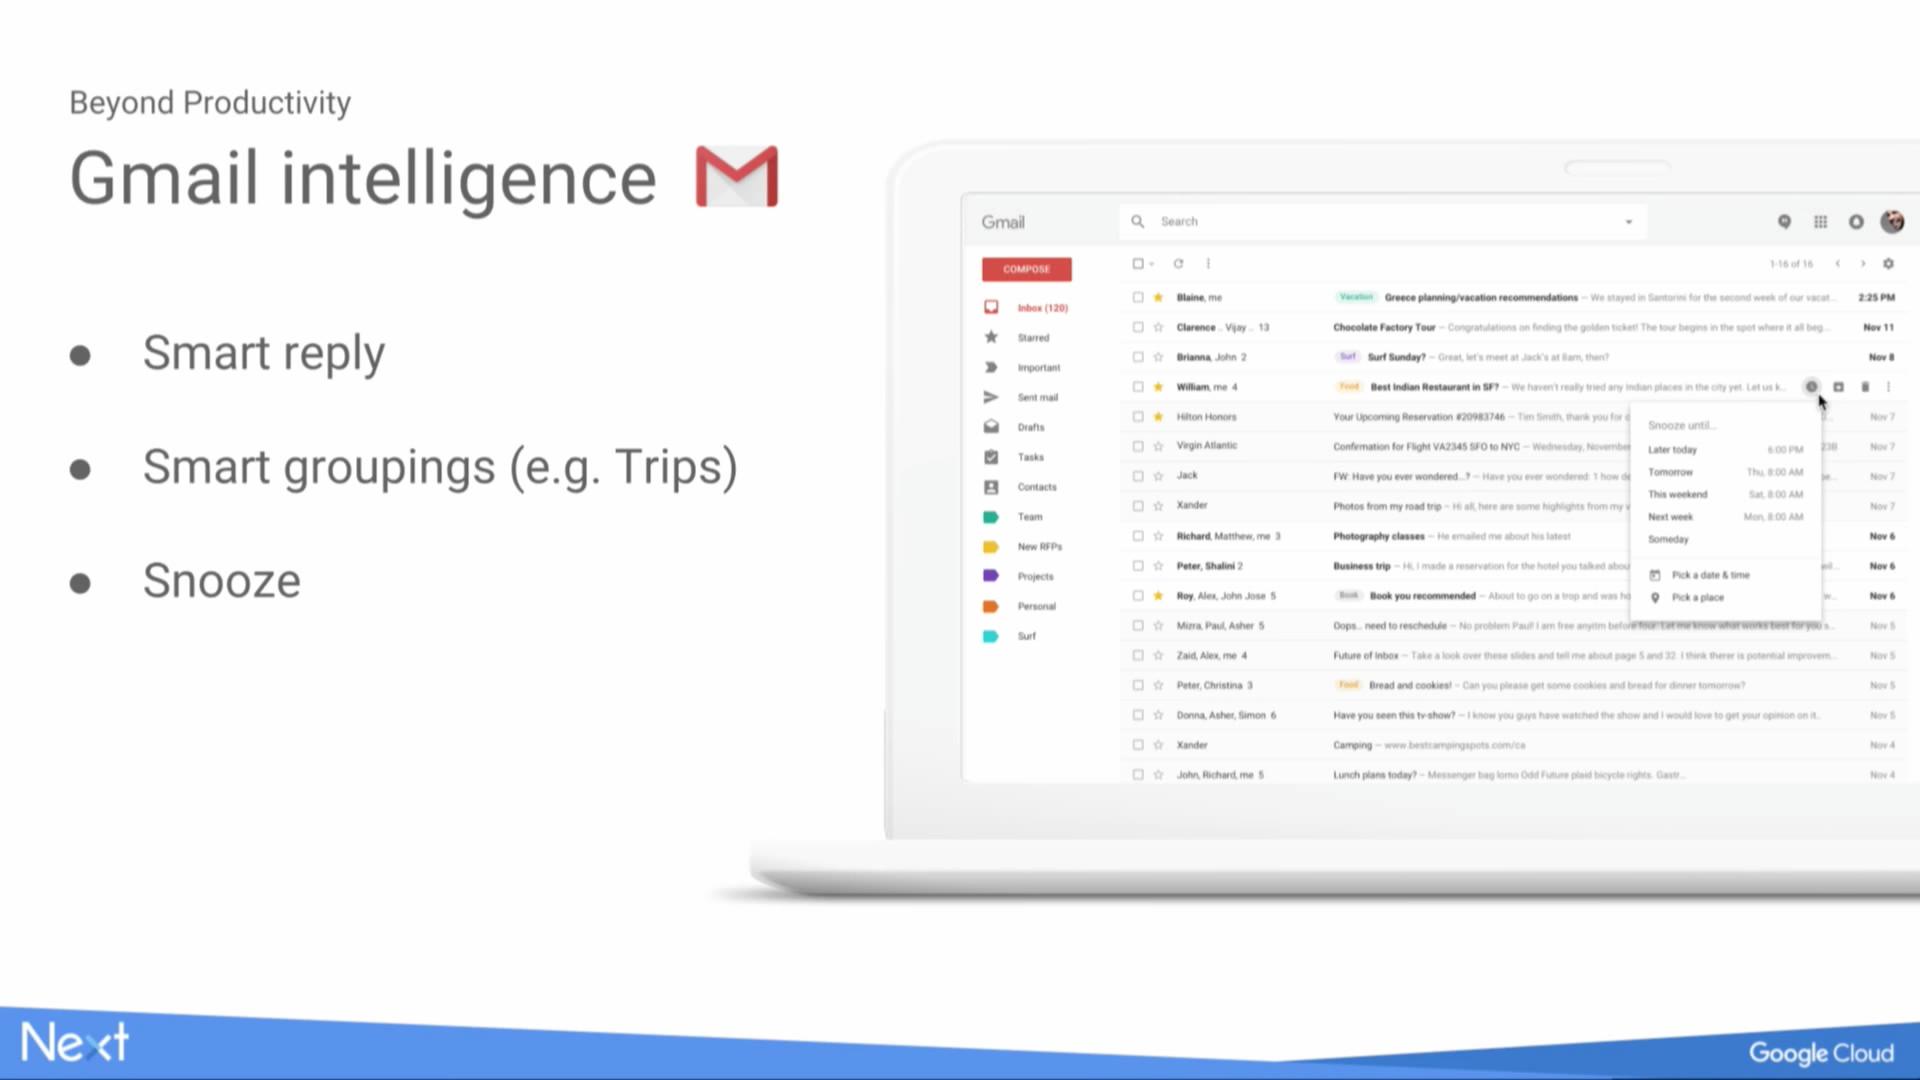 Gmail nabídne nejen samodestrukční emaily